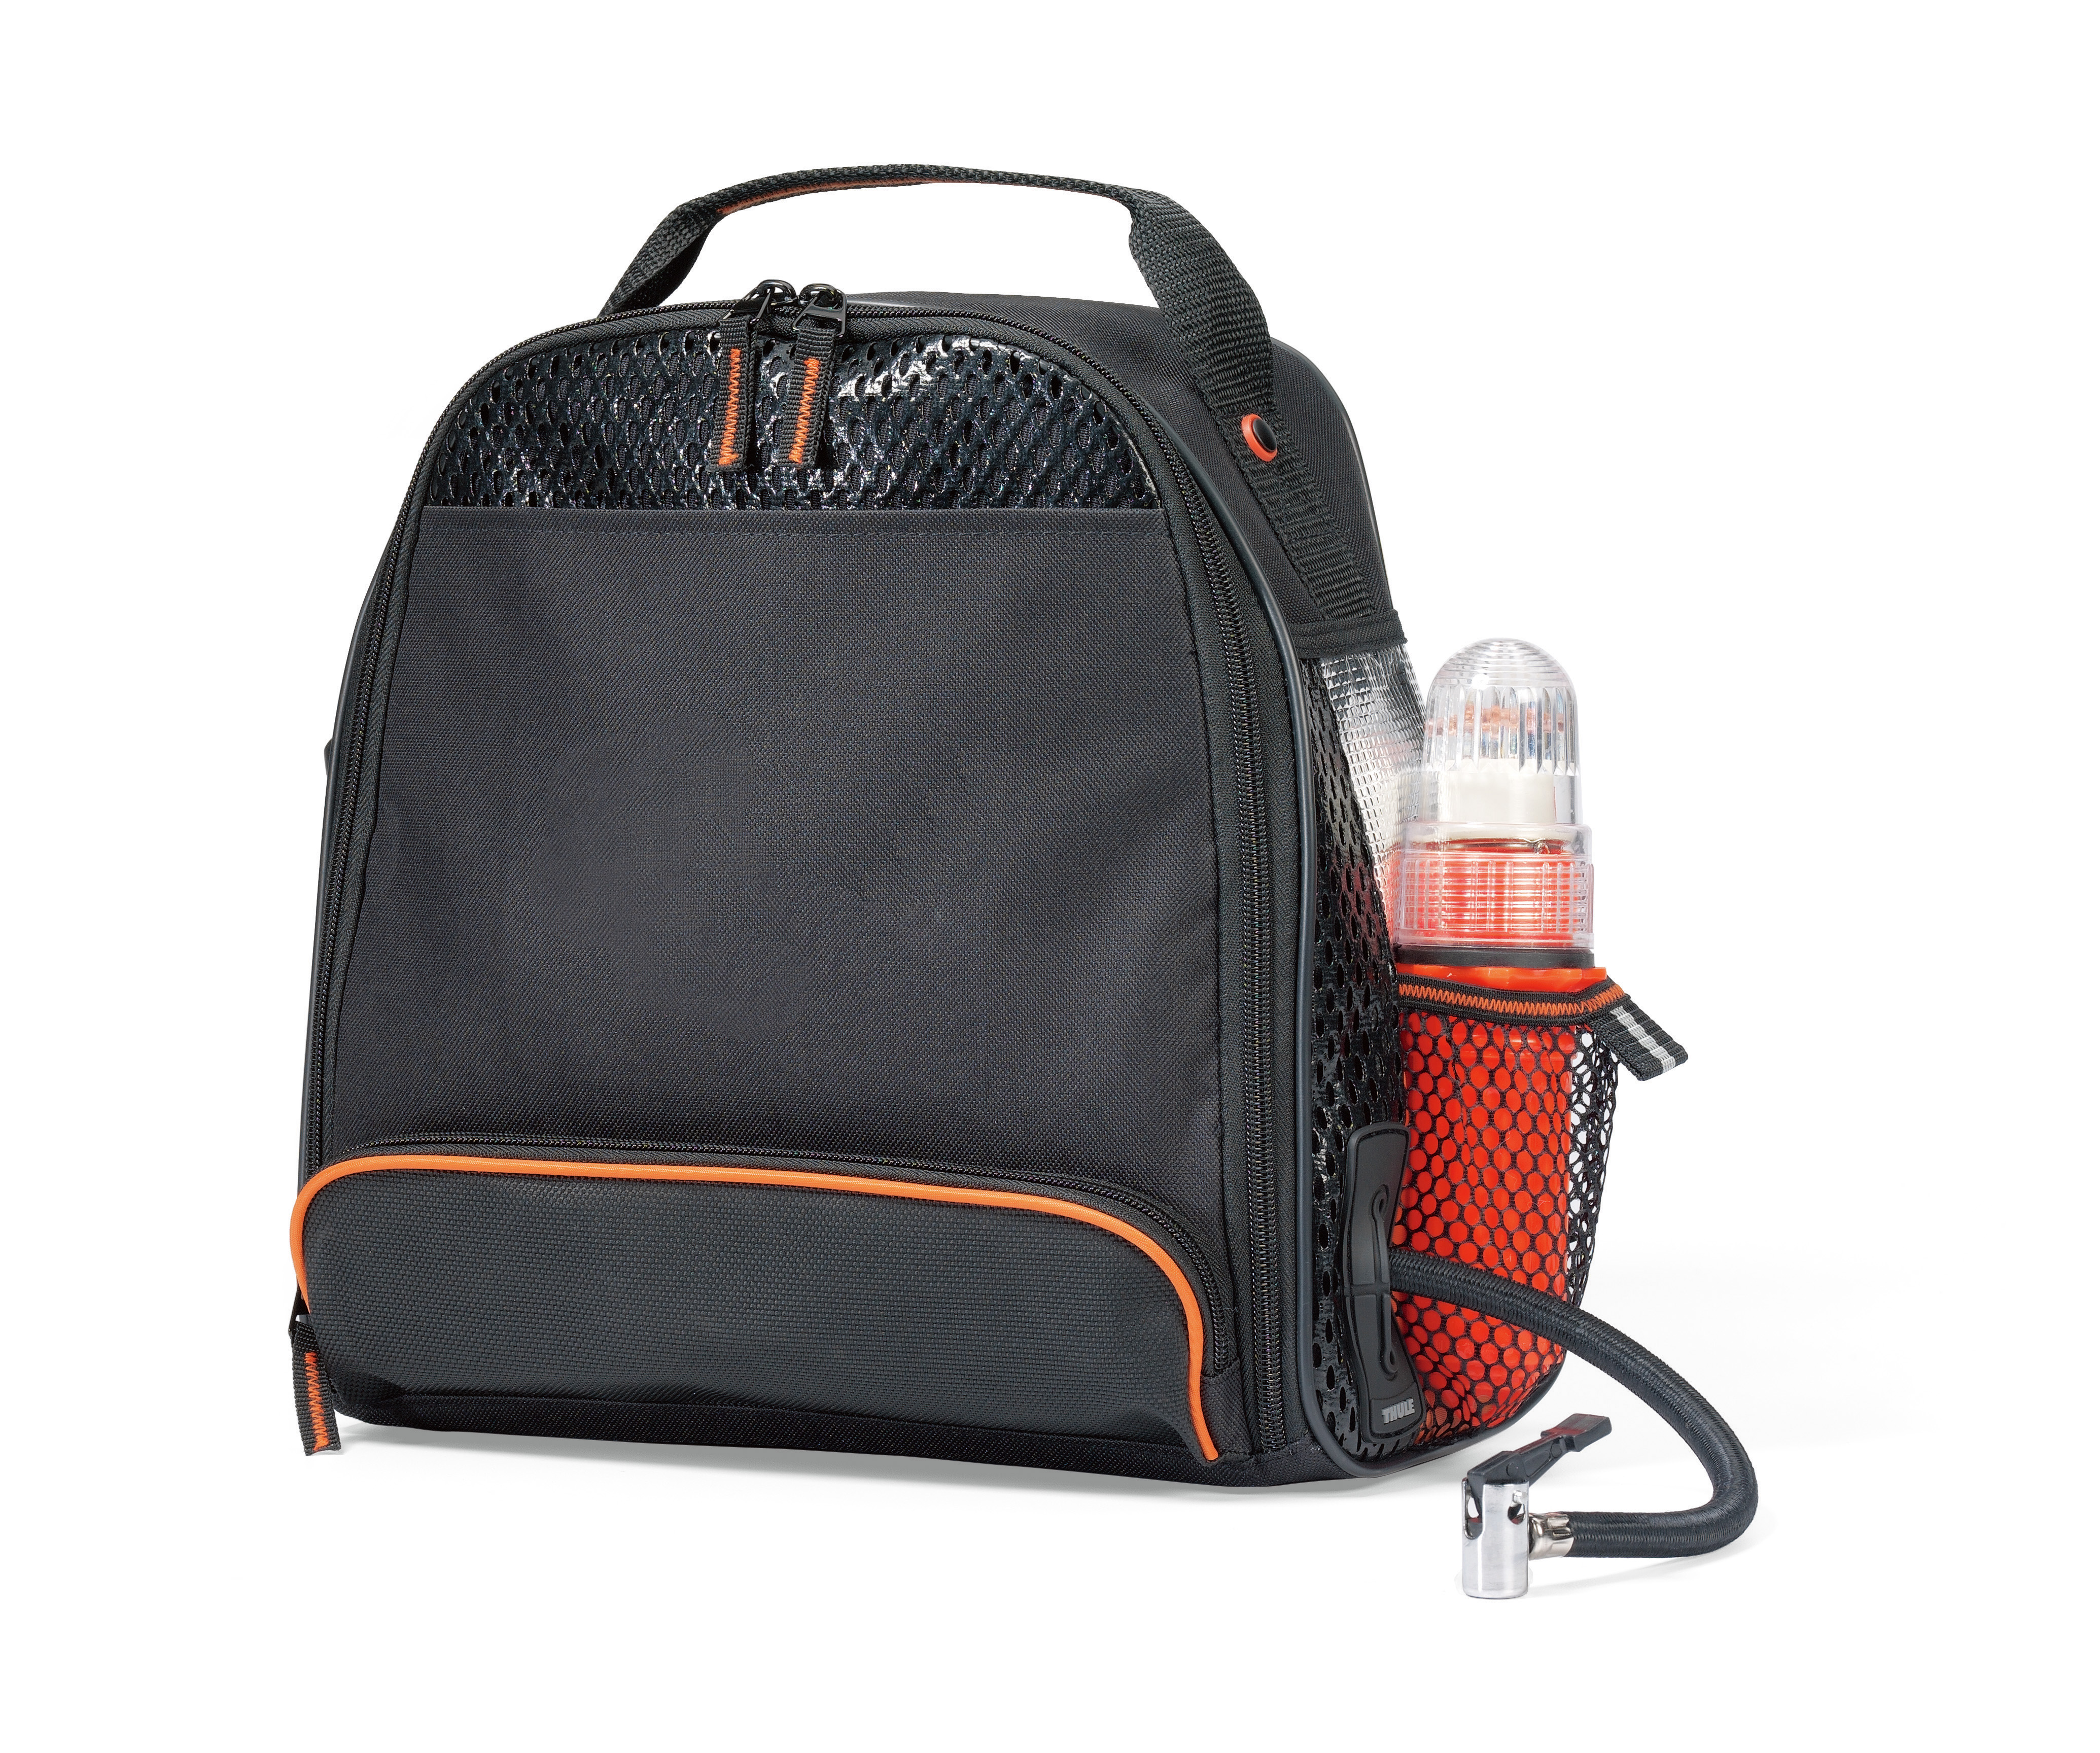 Gemline 3936 - Ultimate Roadside Safety Kit